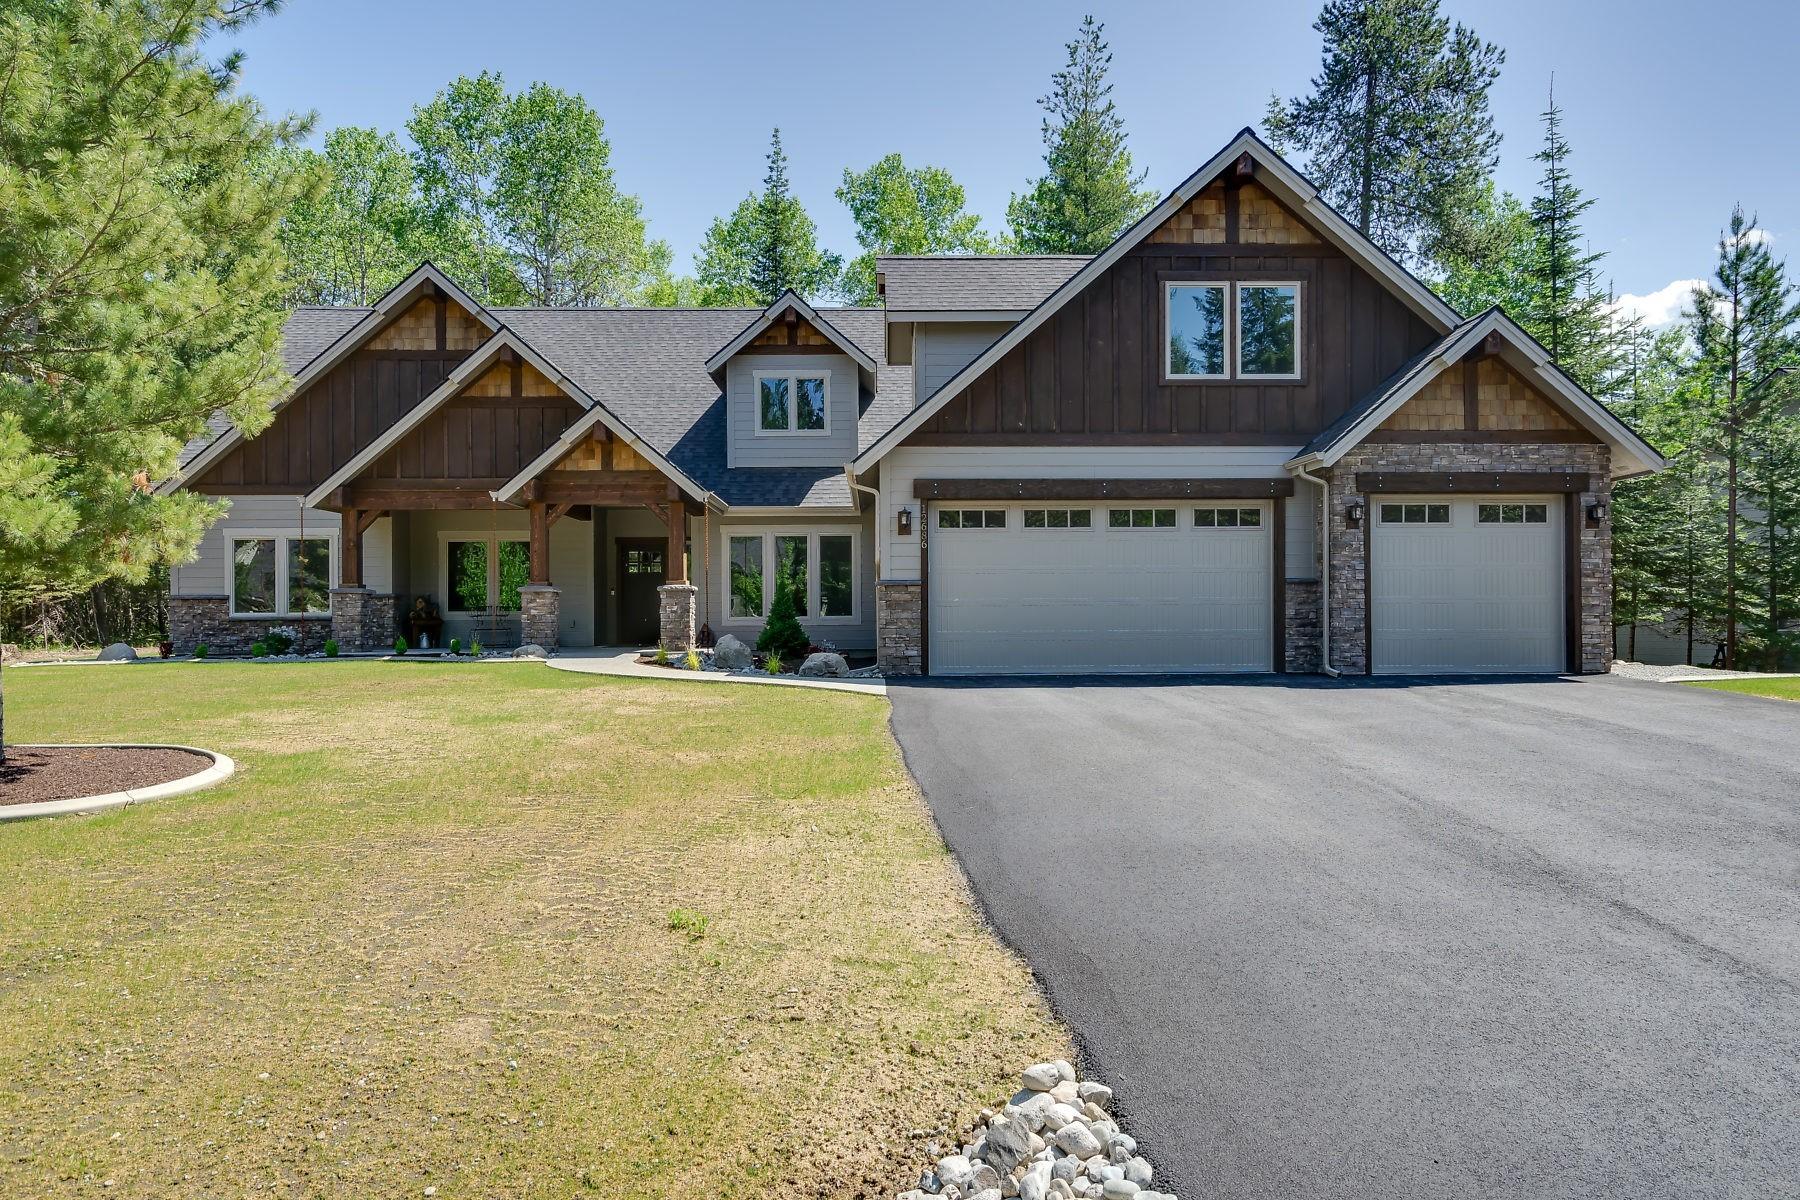 Single Family Homes für Verkauf beim Quality Mountain Elegant home now under construction 15163 S Chalone Dr, Coeur D Alene, Idaho 83814 Vereinigte Staaten